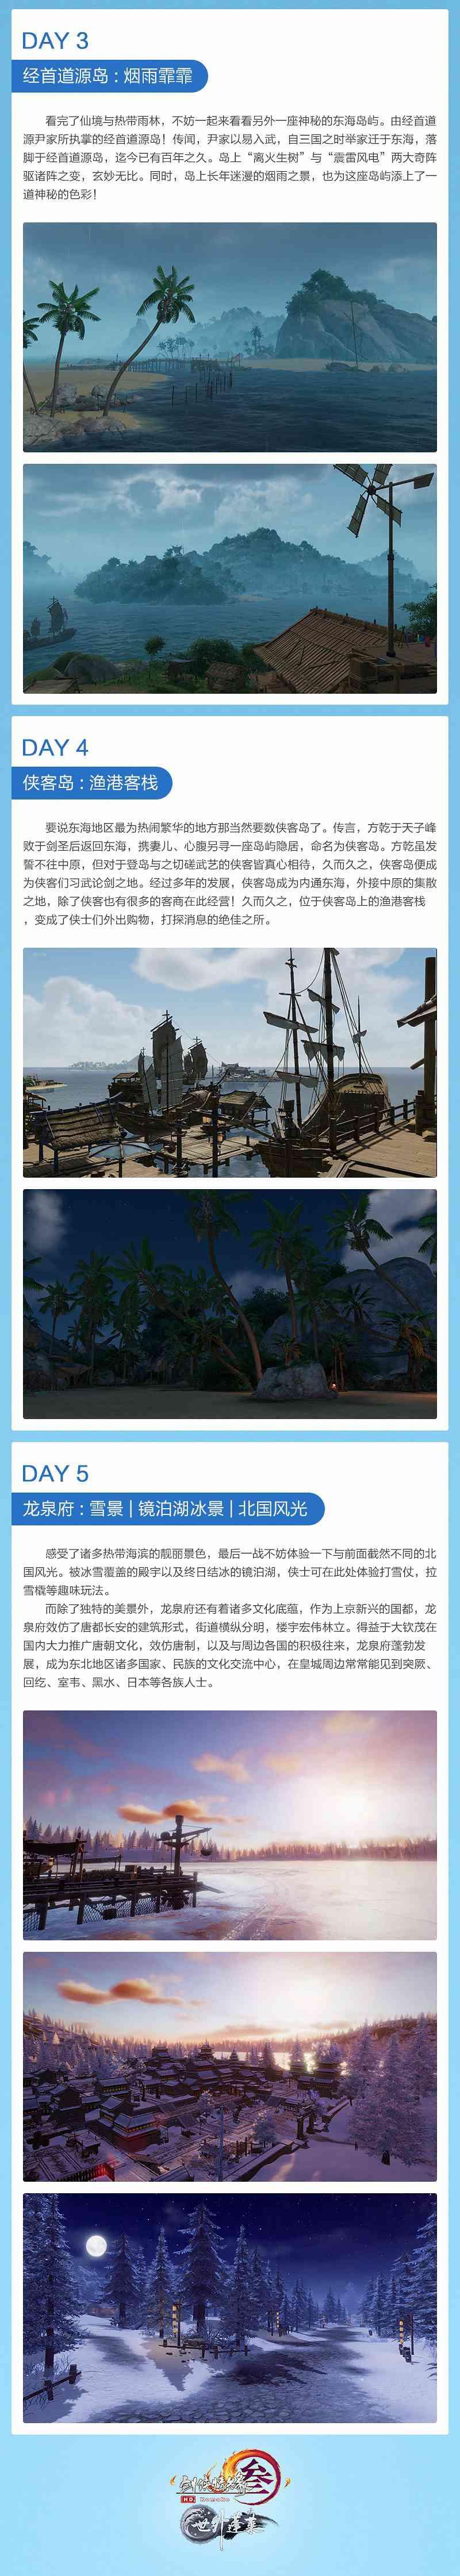 海浪沙滩椰子树 《剑网3》东海旅游指南上线